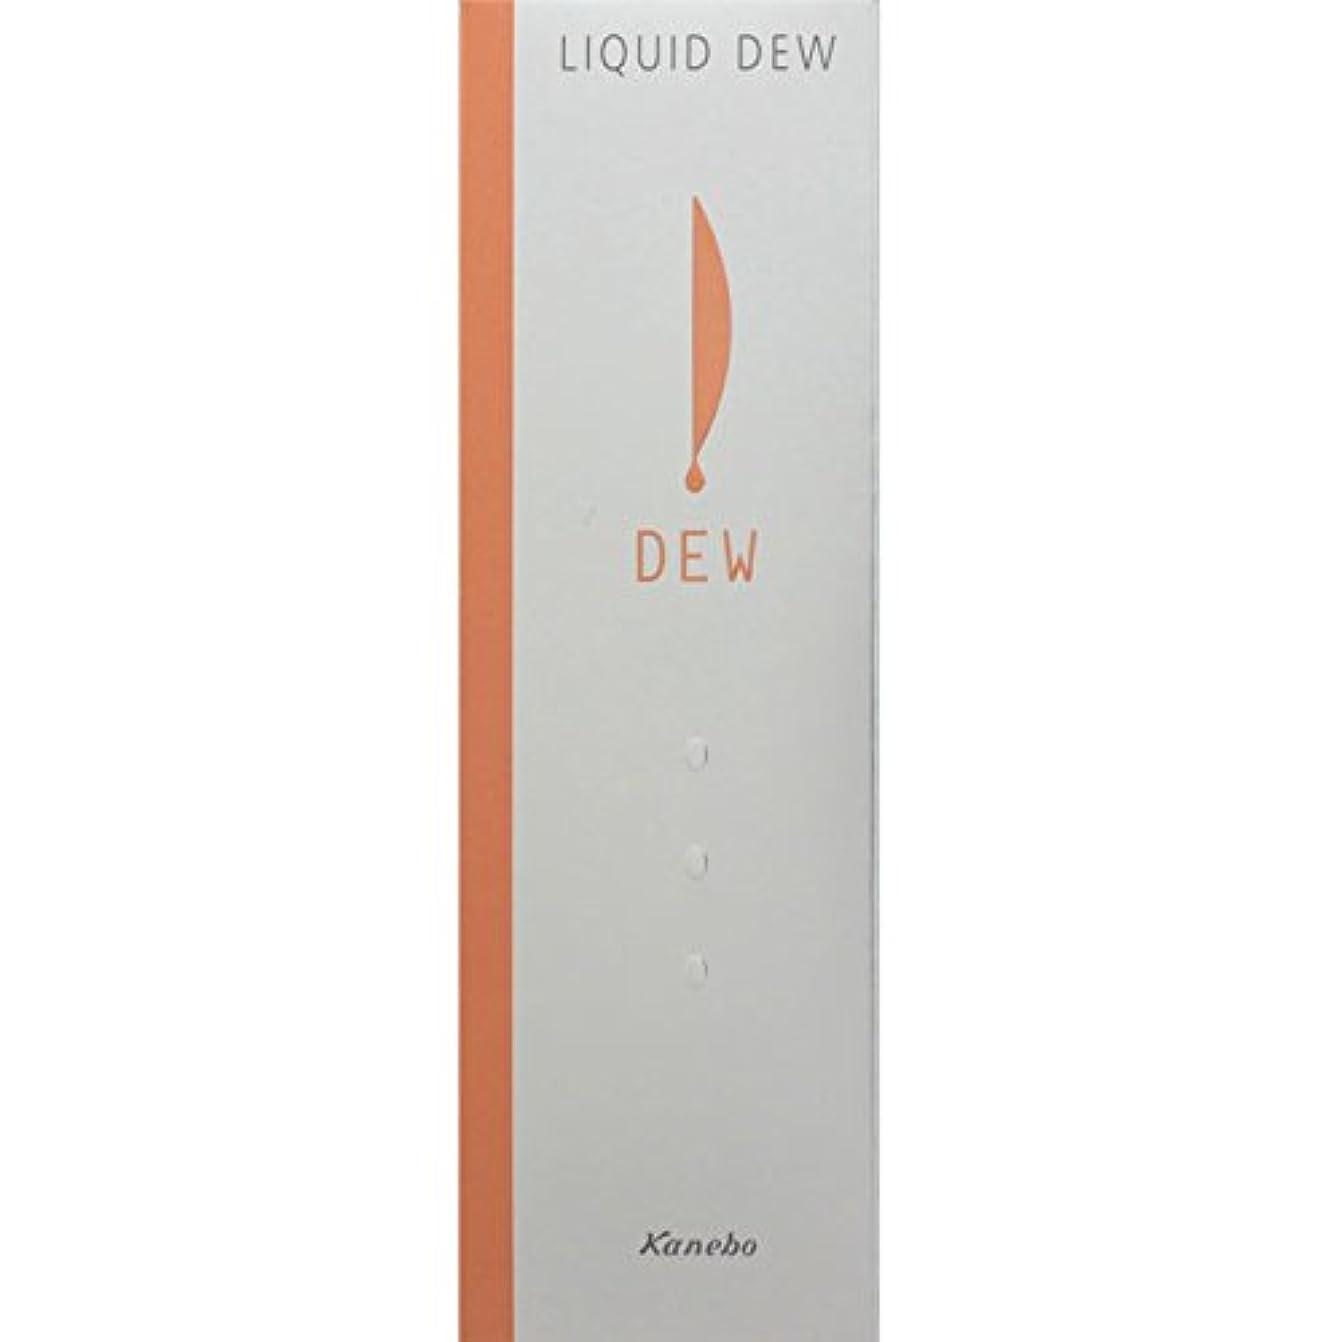 契約したロマンチック壁カネボウ化粧品 DEW リクイドデュウ イエローBE-A